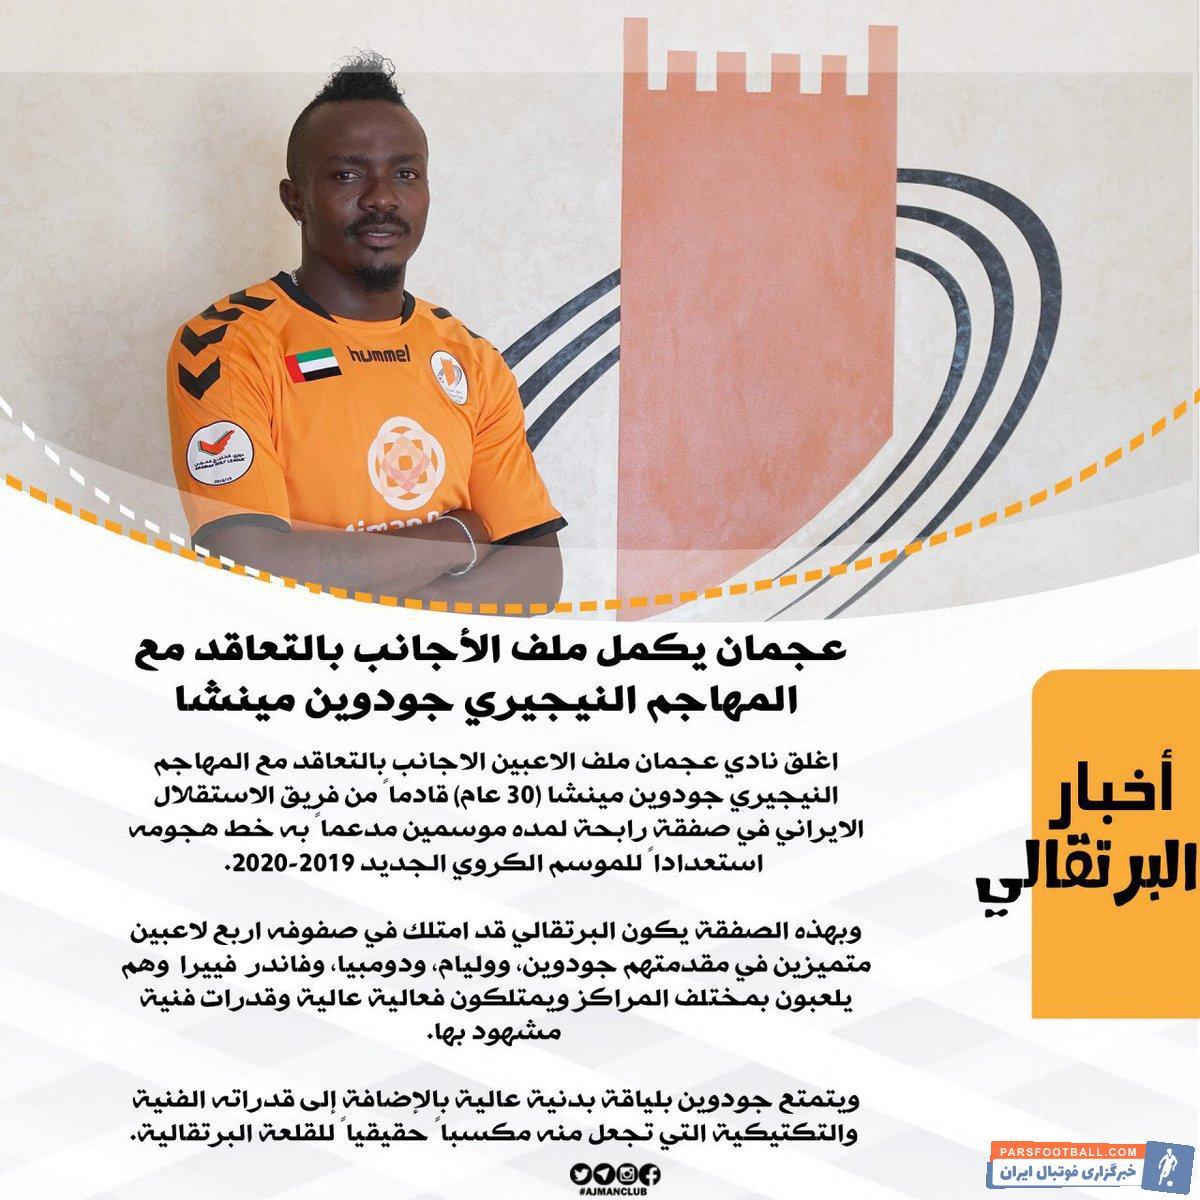 گادوین منشا مهاجم اهل نیجریه که سابقه بازی در پیکان، پرسپولیس و استقلال را دارد با گذراندن تست های پزشکی این باشگاه قراردادی یکساله امضا کرد.